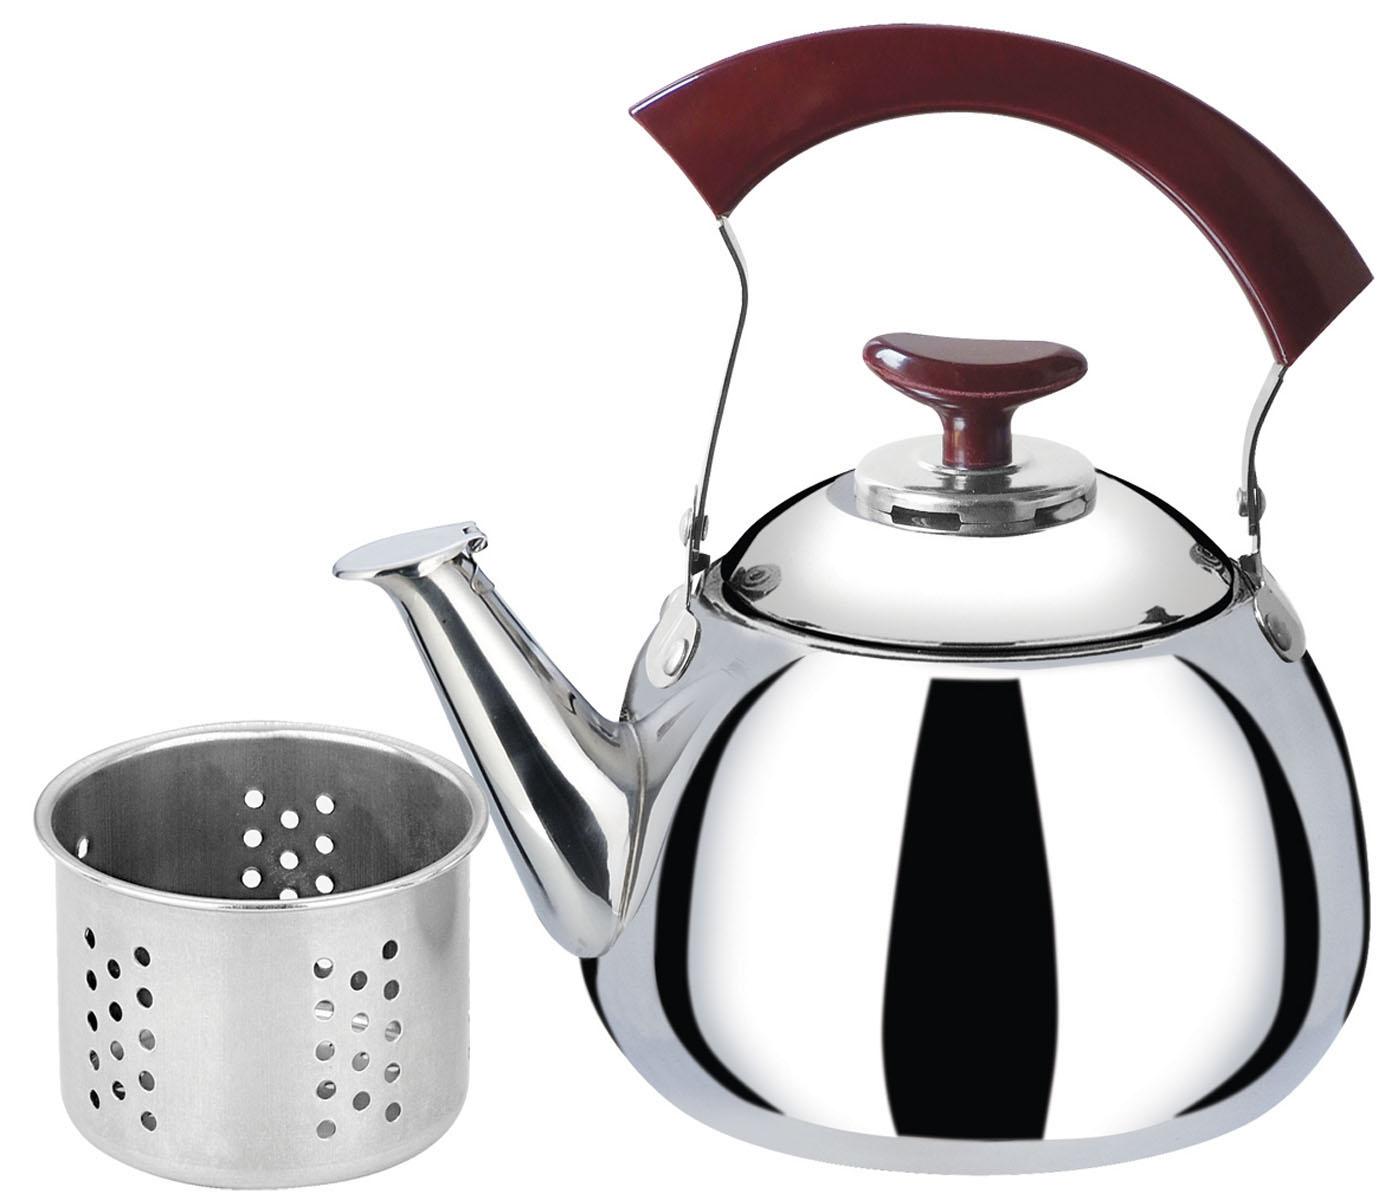 Чайник Bekker, со свистком, с ситечком, 1,5 л. BK-S507BK-S507Чайник Bekker выполнен из высококачественной нержавеющей стали, что обеспечивает долговечность использования. Внешнее зеркальное покрытие придает приятный внешний вид. Бакелитовая ручка делает использование чайника очень удобным и безопасным. Чайник снабжен свистком и ситечком для заваривания. Можно мыть в посудомоечной машине. Пригоден для всех видов плит, включая индукционные.